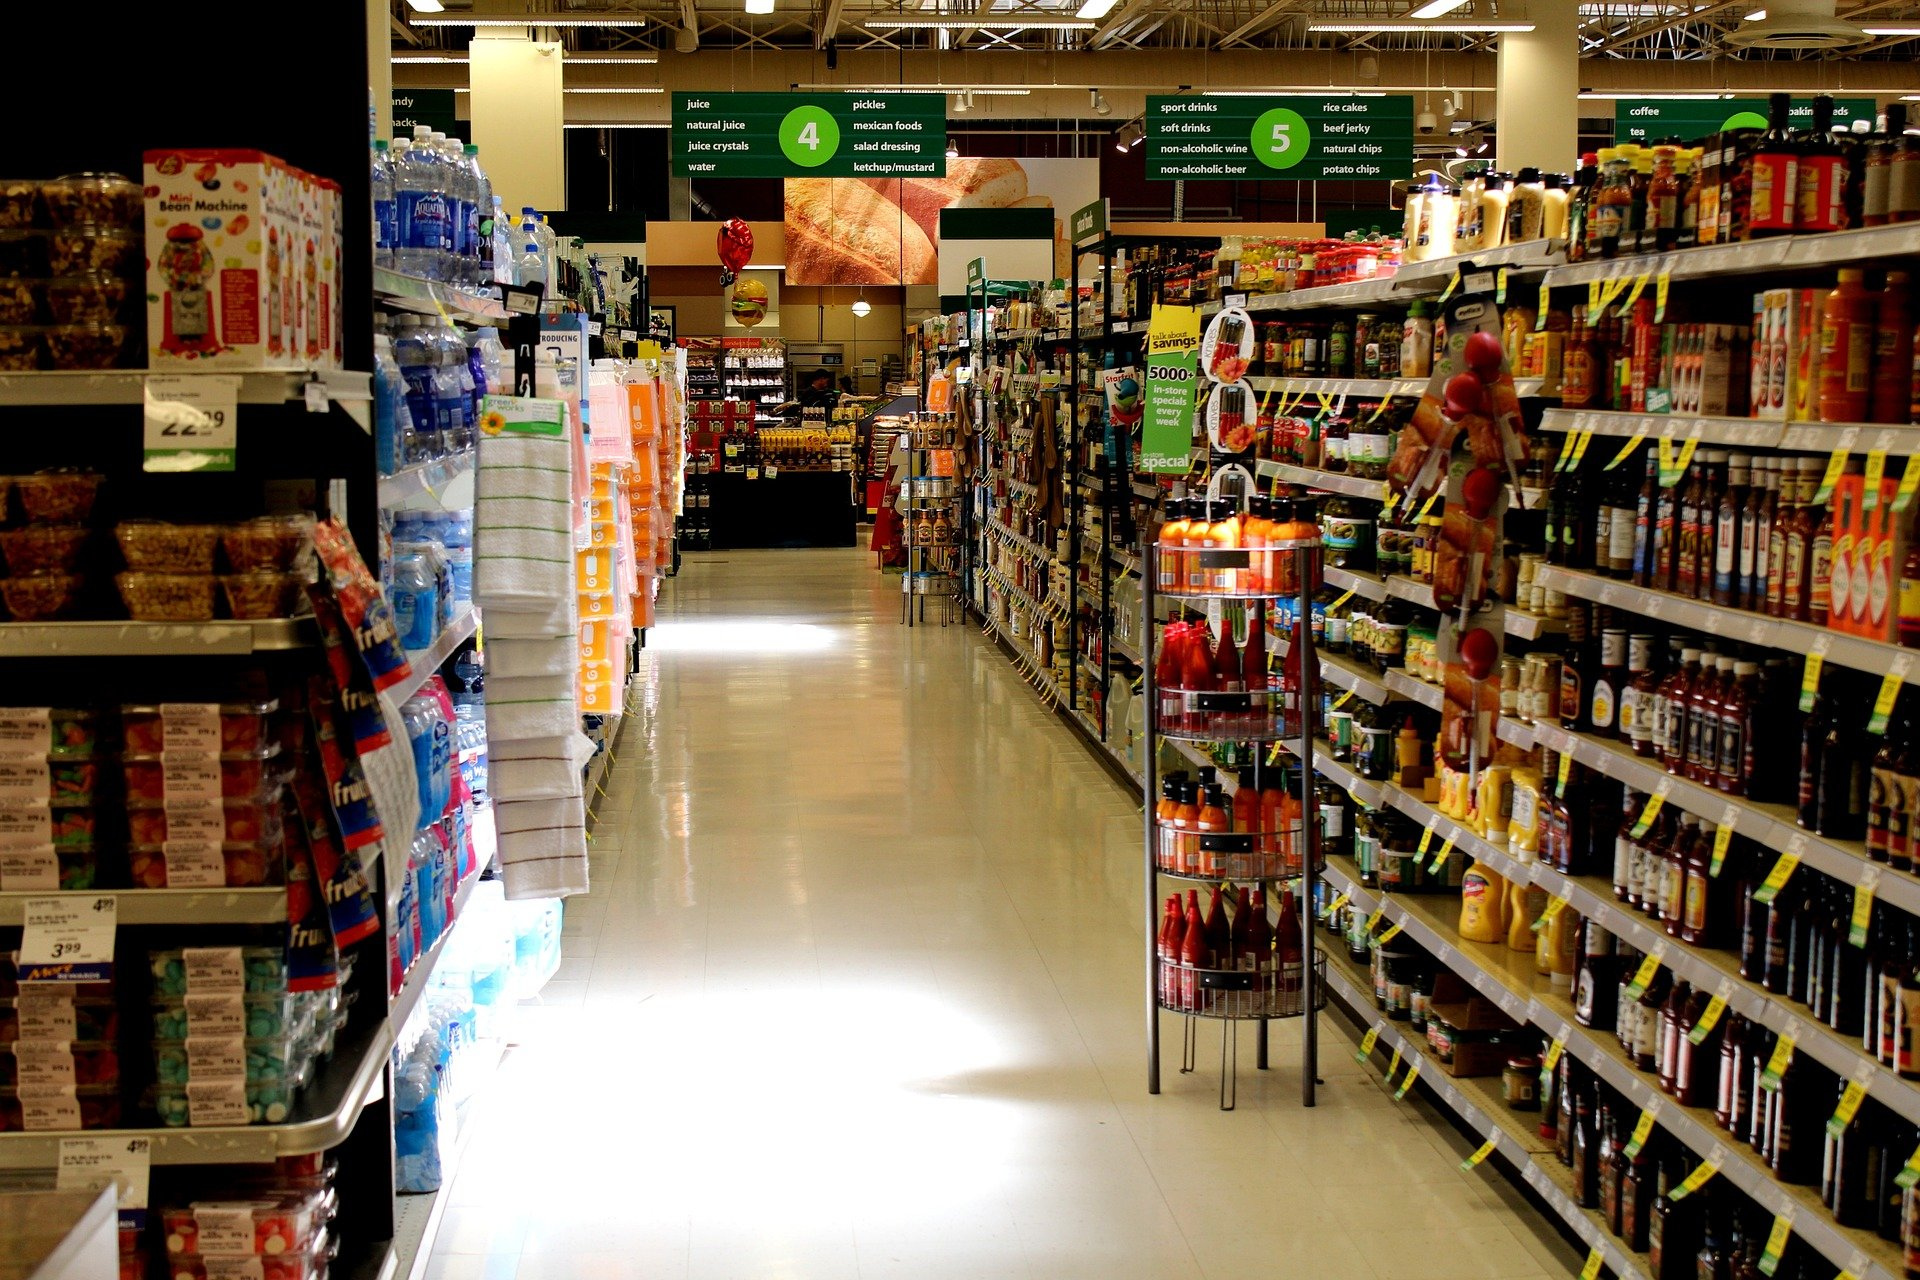 Walmart закупил более 500 МВт возобновляемой энергии